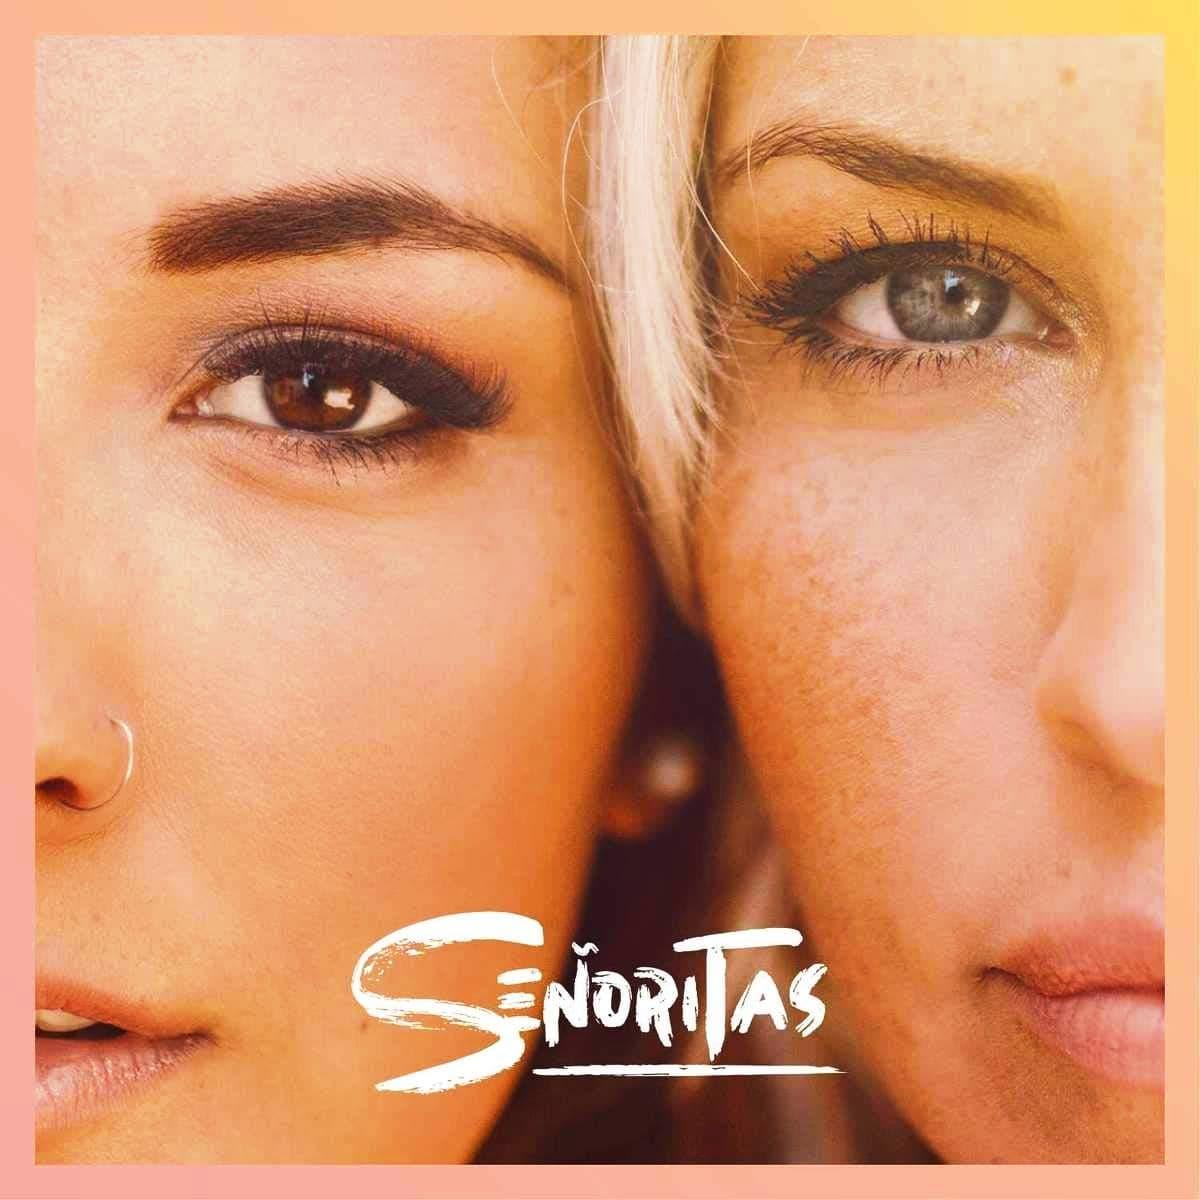 Senoritas veröffentlichen CD Senoritas zwischen Schlager und Latin-Pop